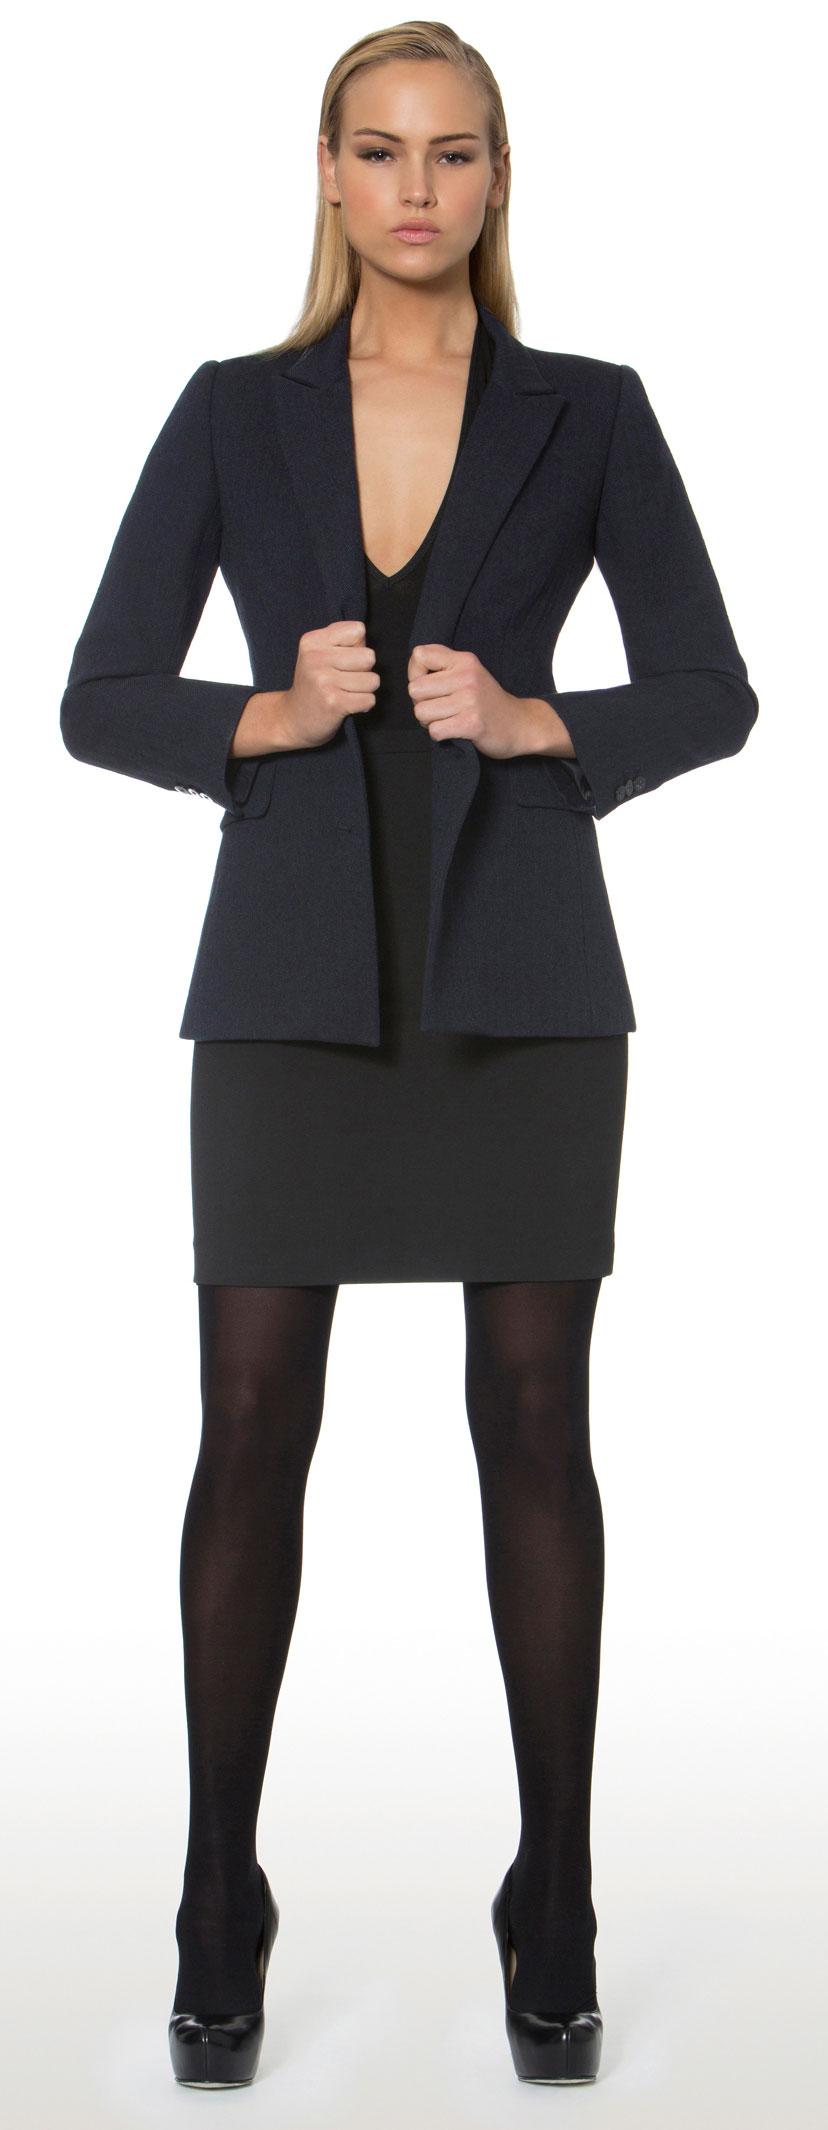 Z-Form-Uniform-Kelsy-Zimba-Jacket-WJ2-Skirt-WS2.jpg